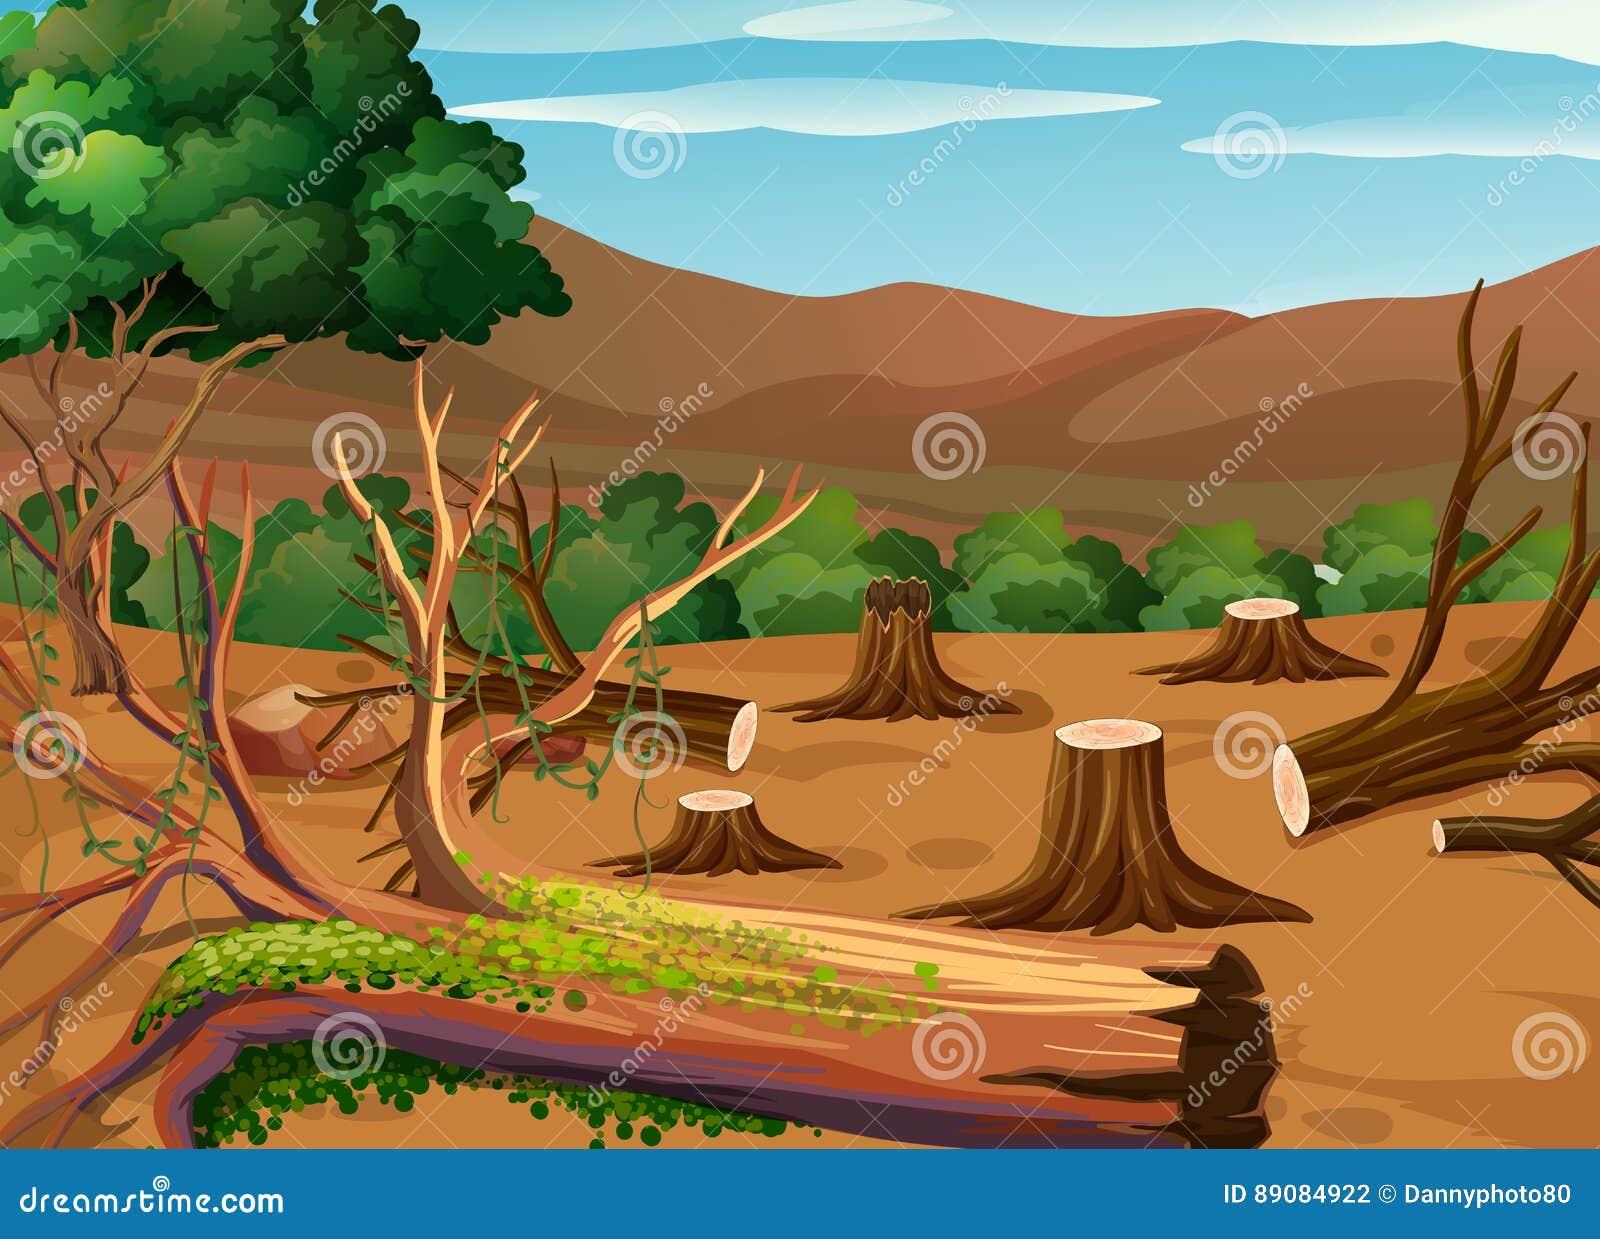 deforestation cartoons illustrations amp vector stock